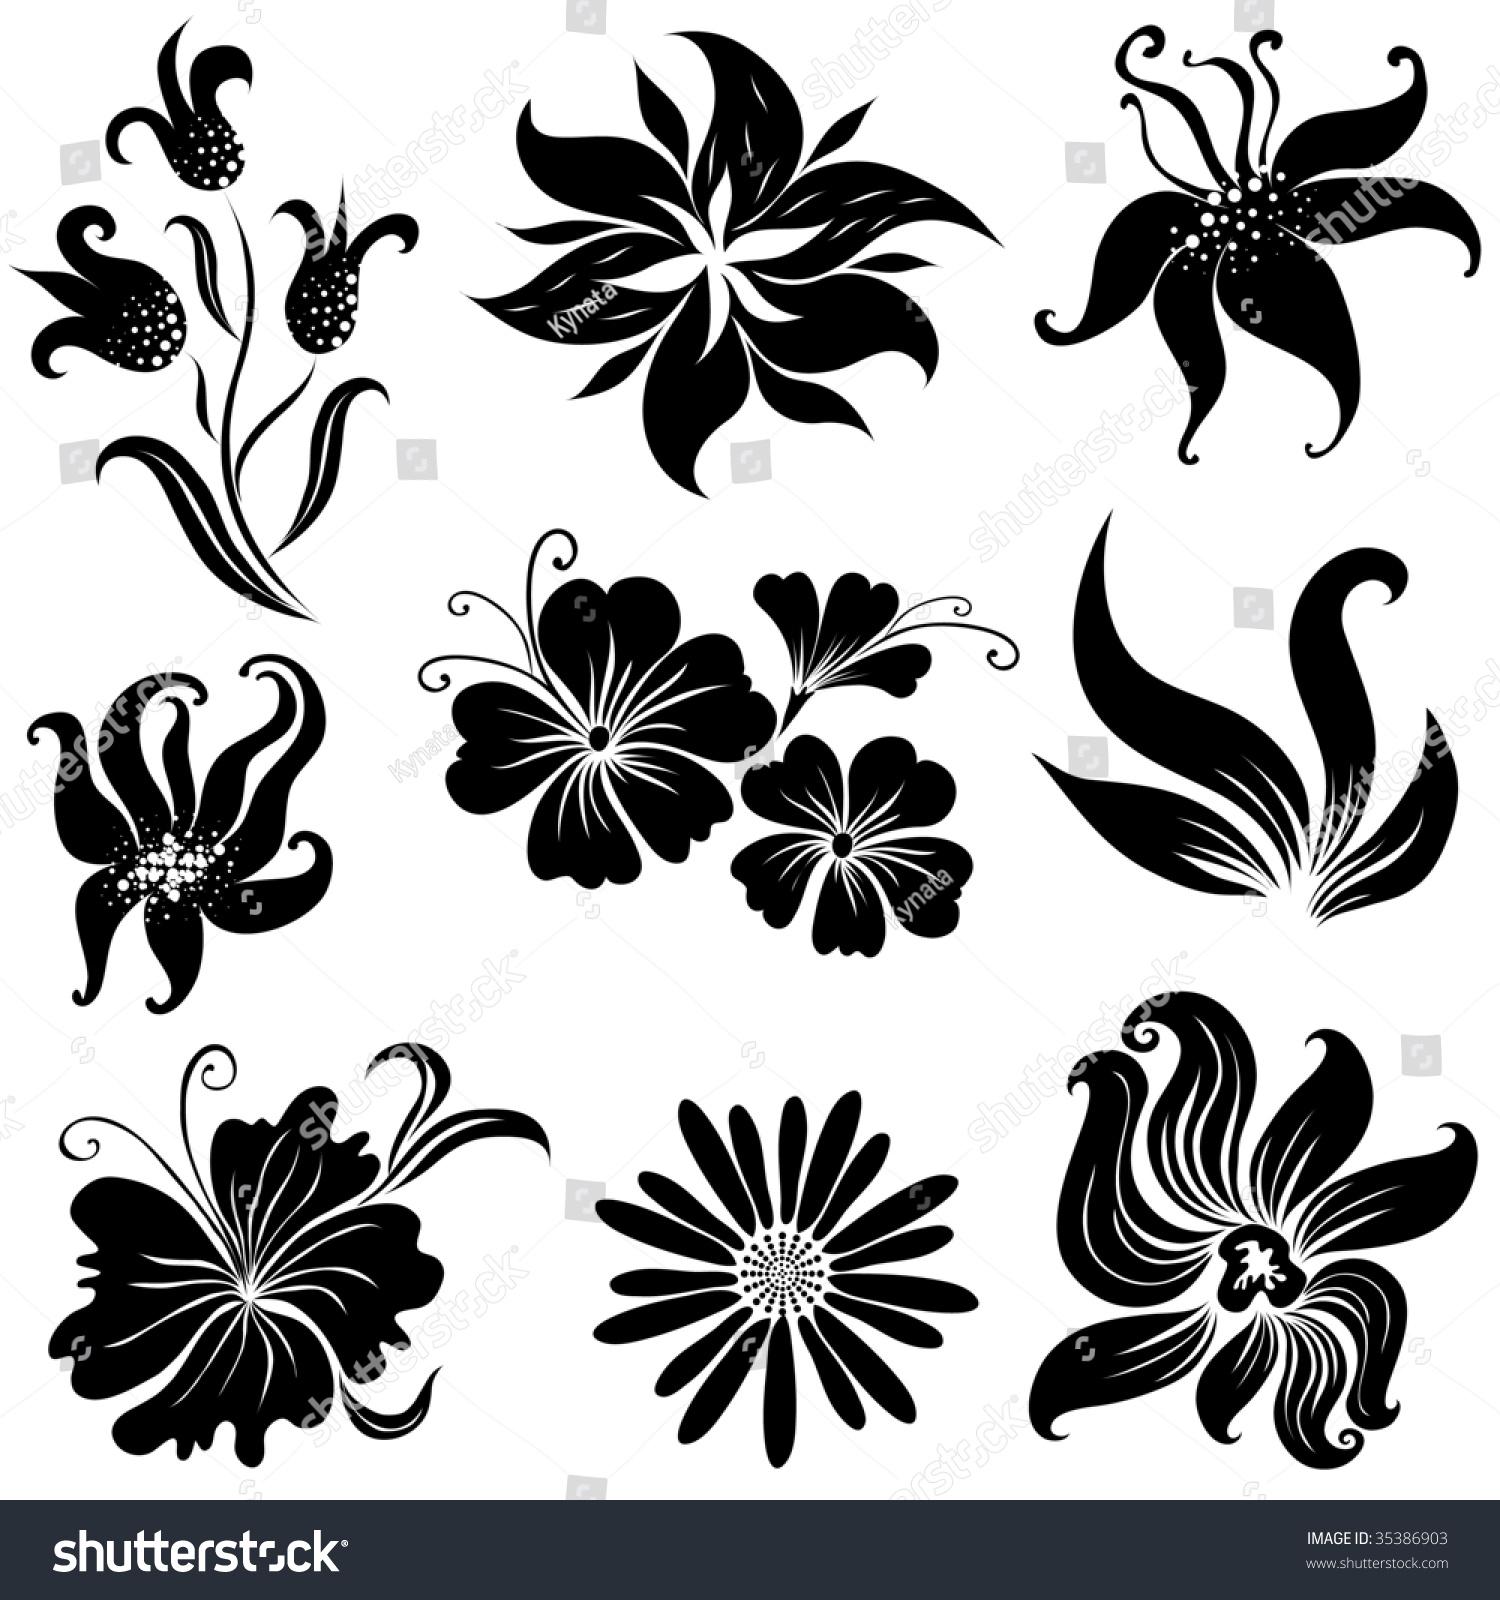 Set Of Black Flower Design Elements From My Big Floral